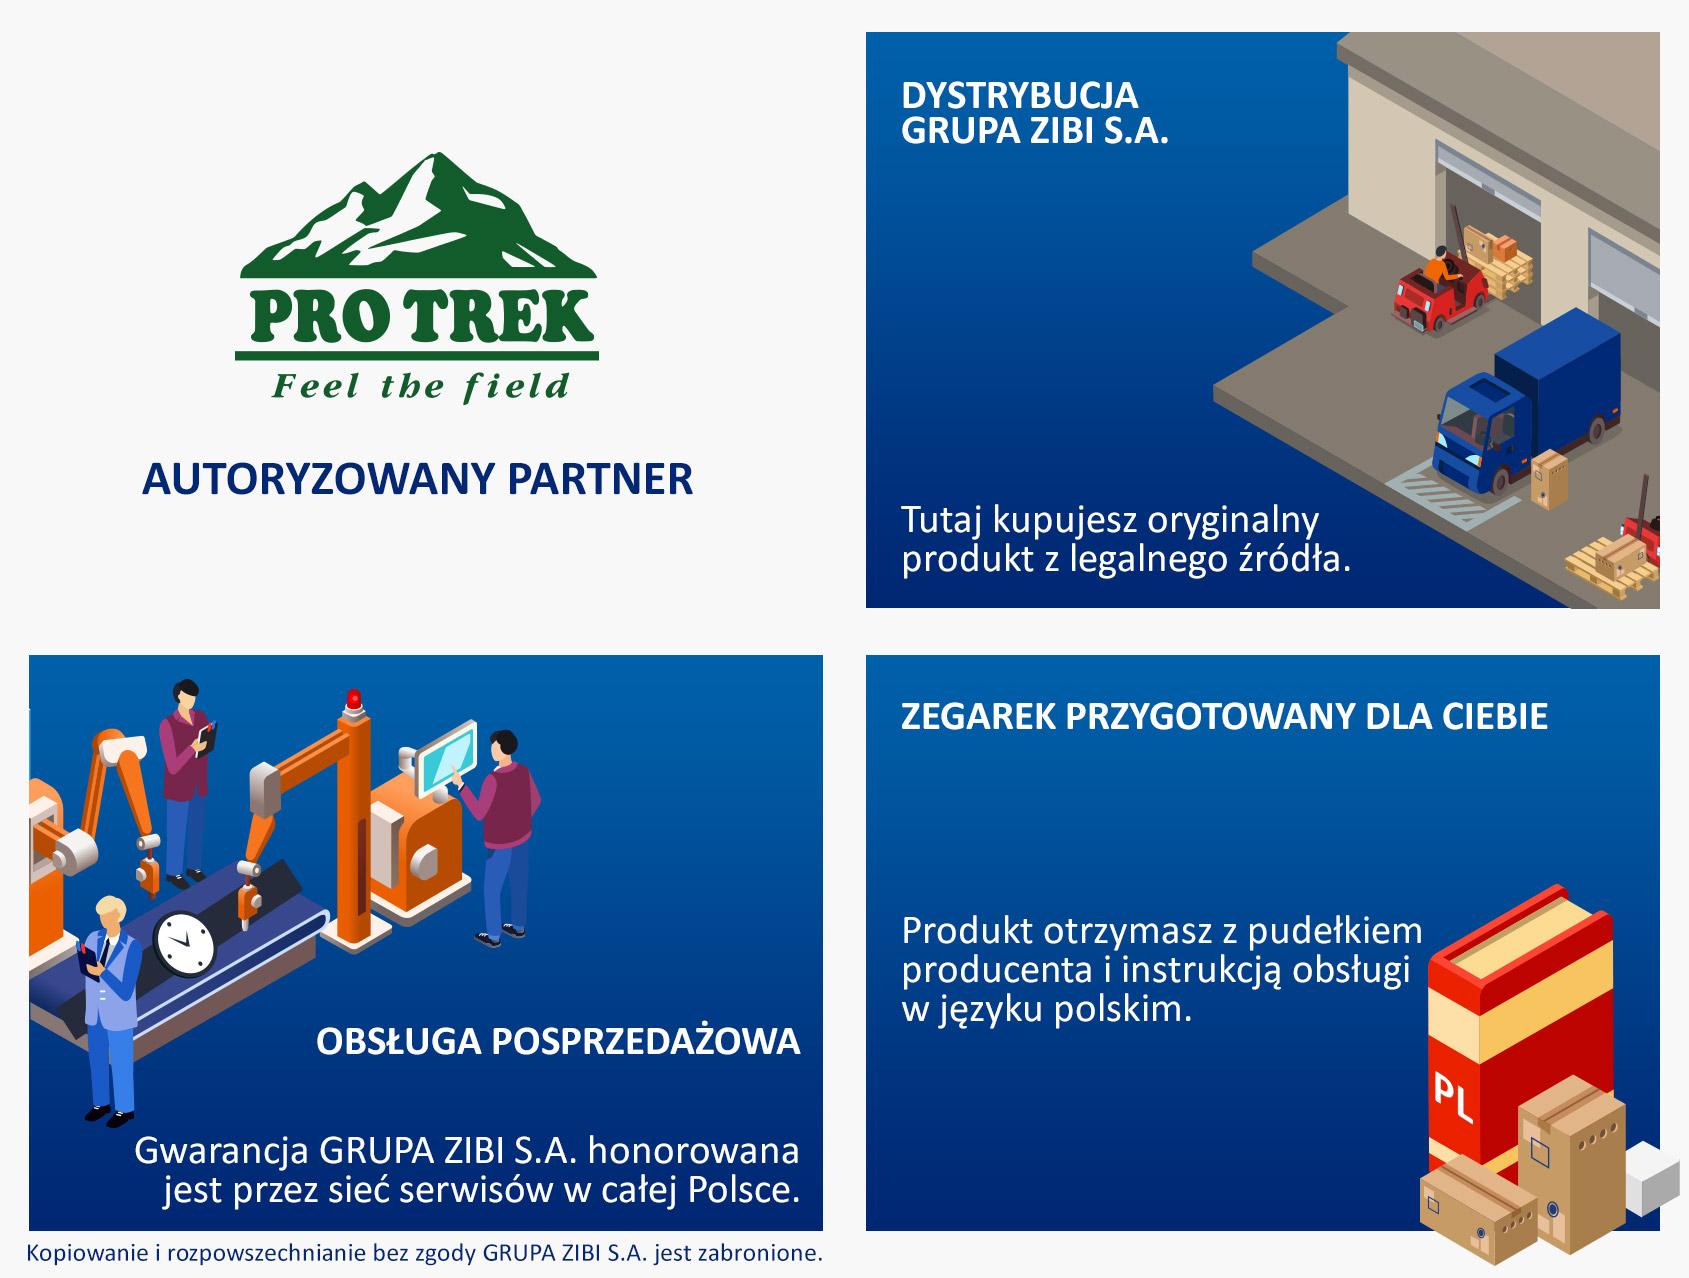 certyfikat sklep Demus jako autoryzowanego sprzedawcy PROTREK